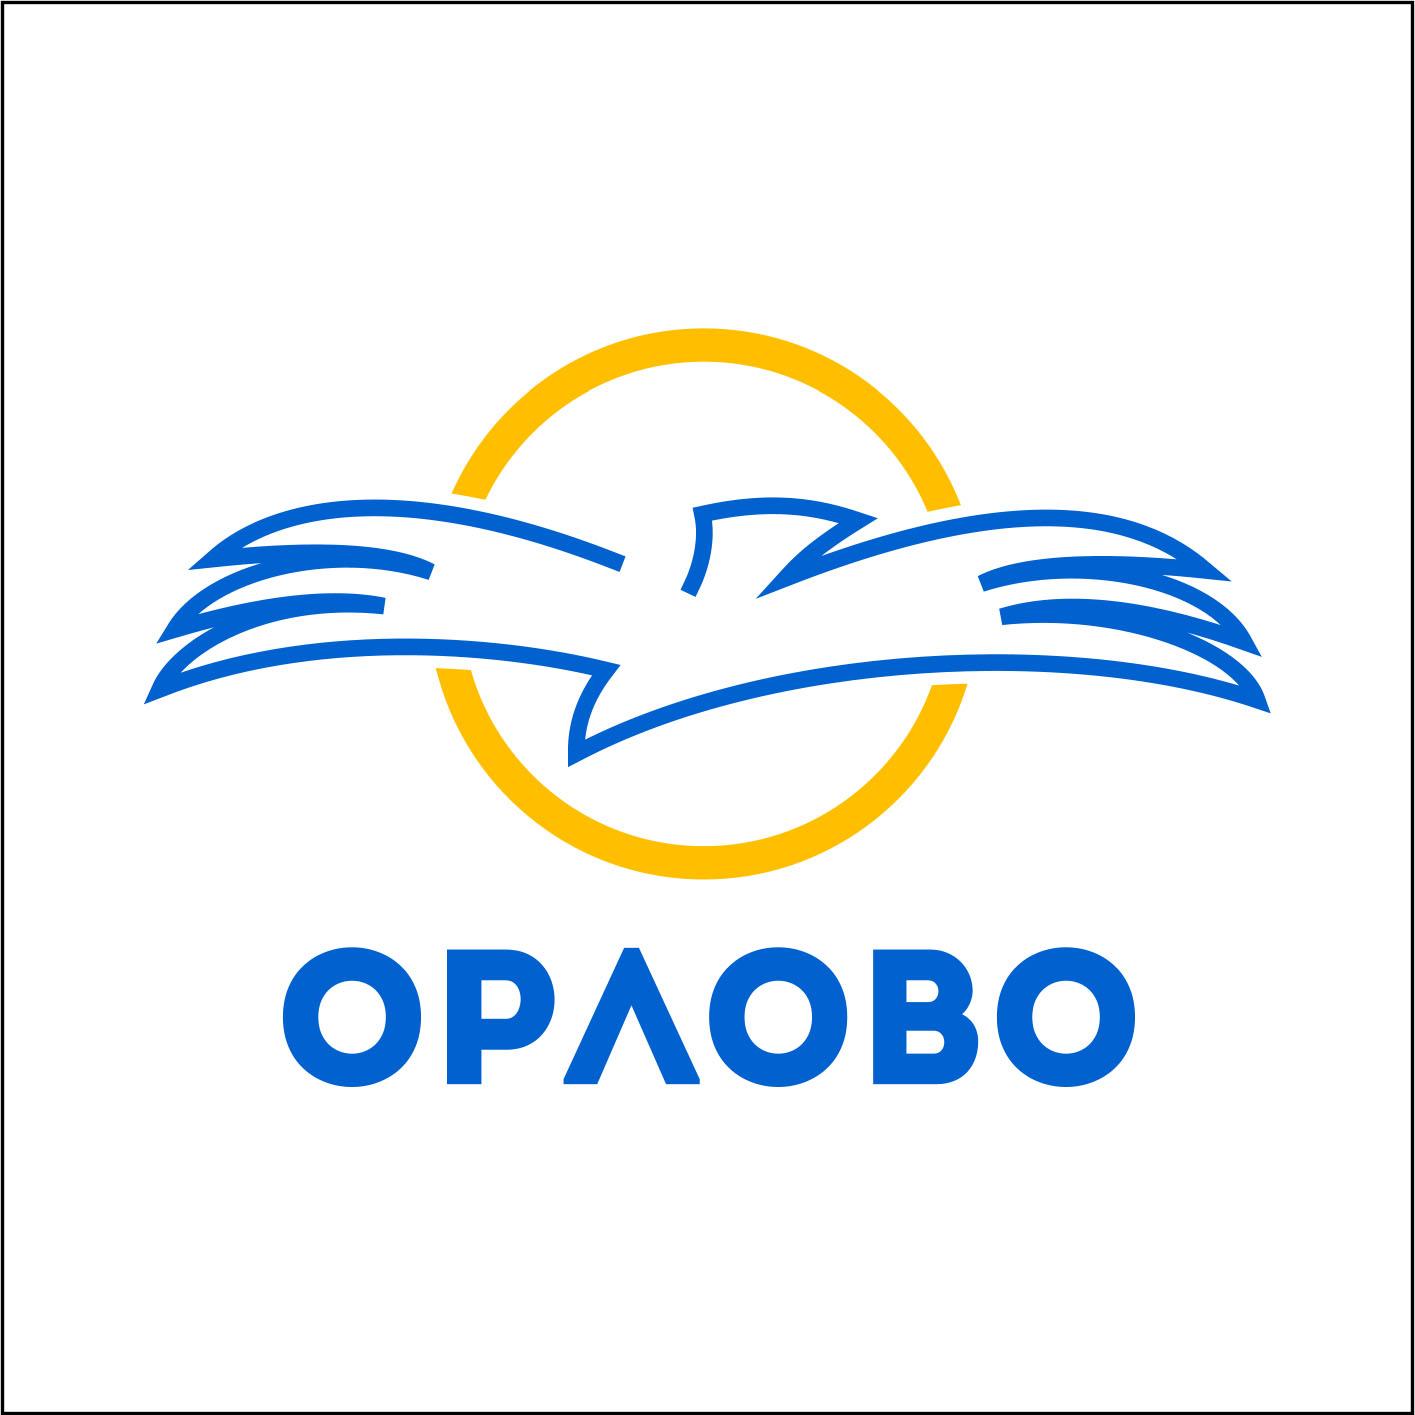 Разработка логотипа для Торгово-развлекательного комплекса фото f_0735971123718879.jpg